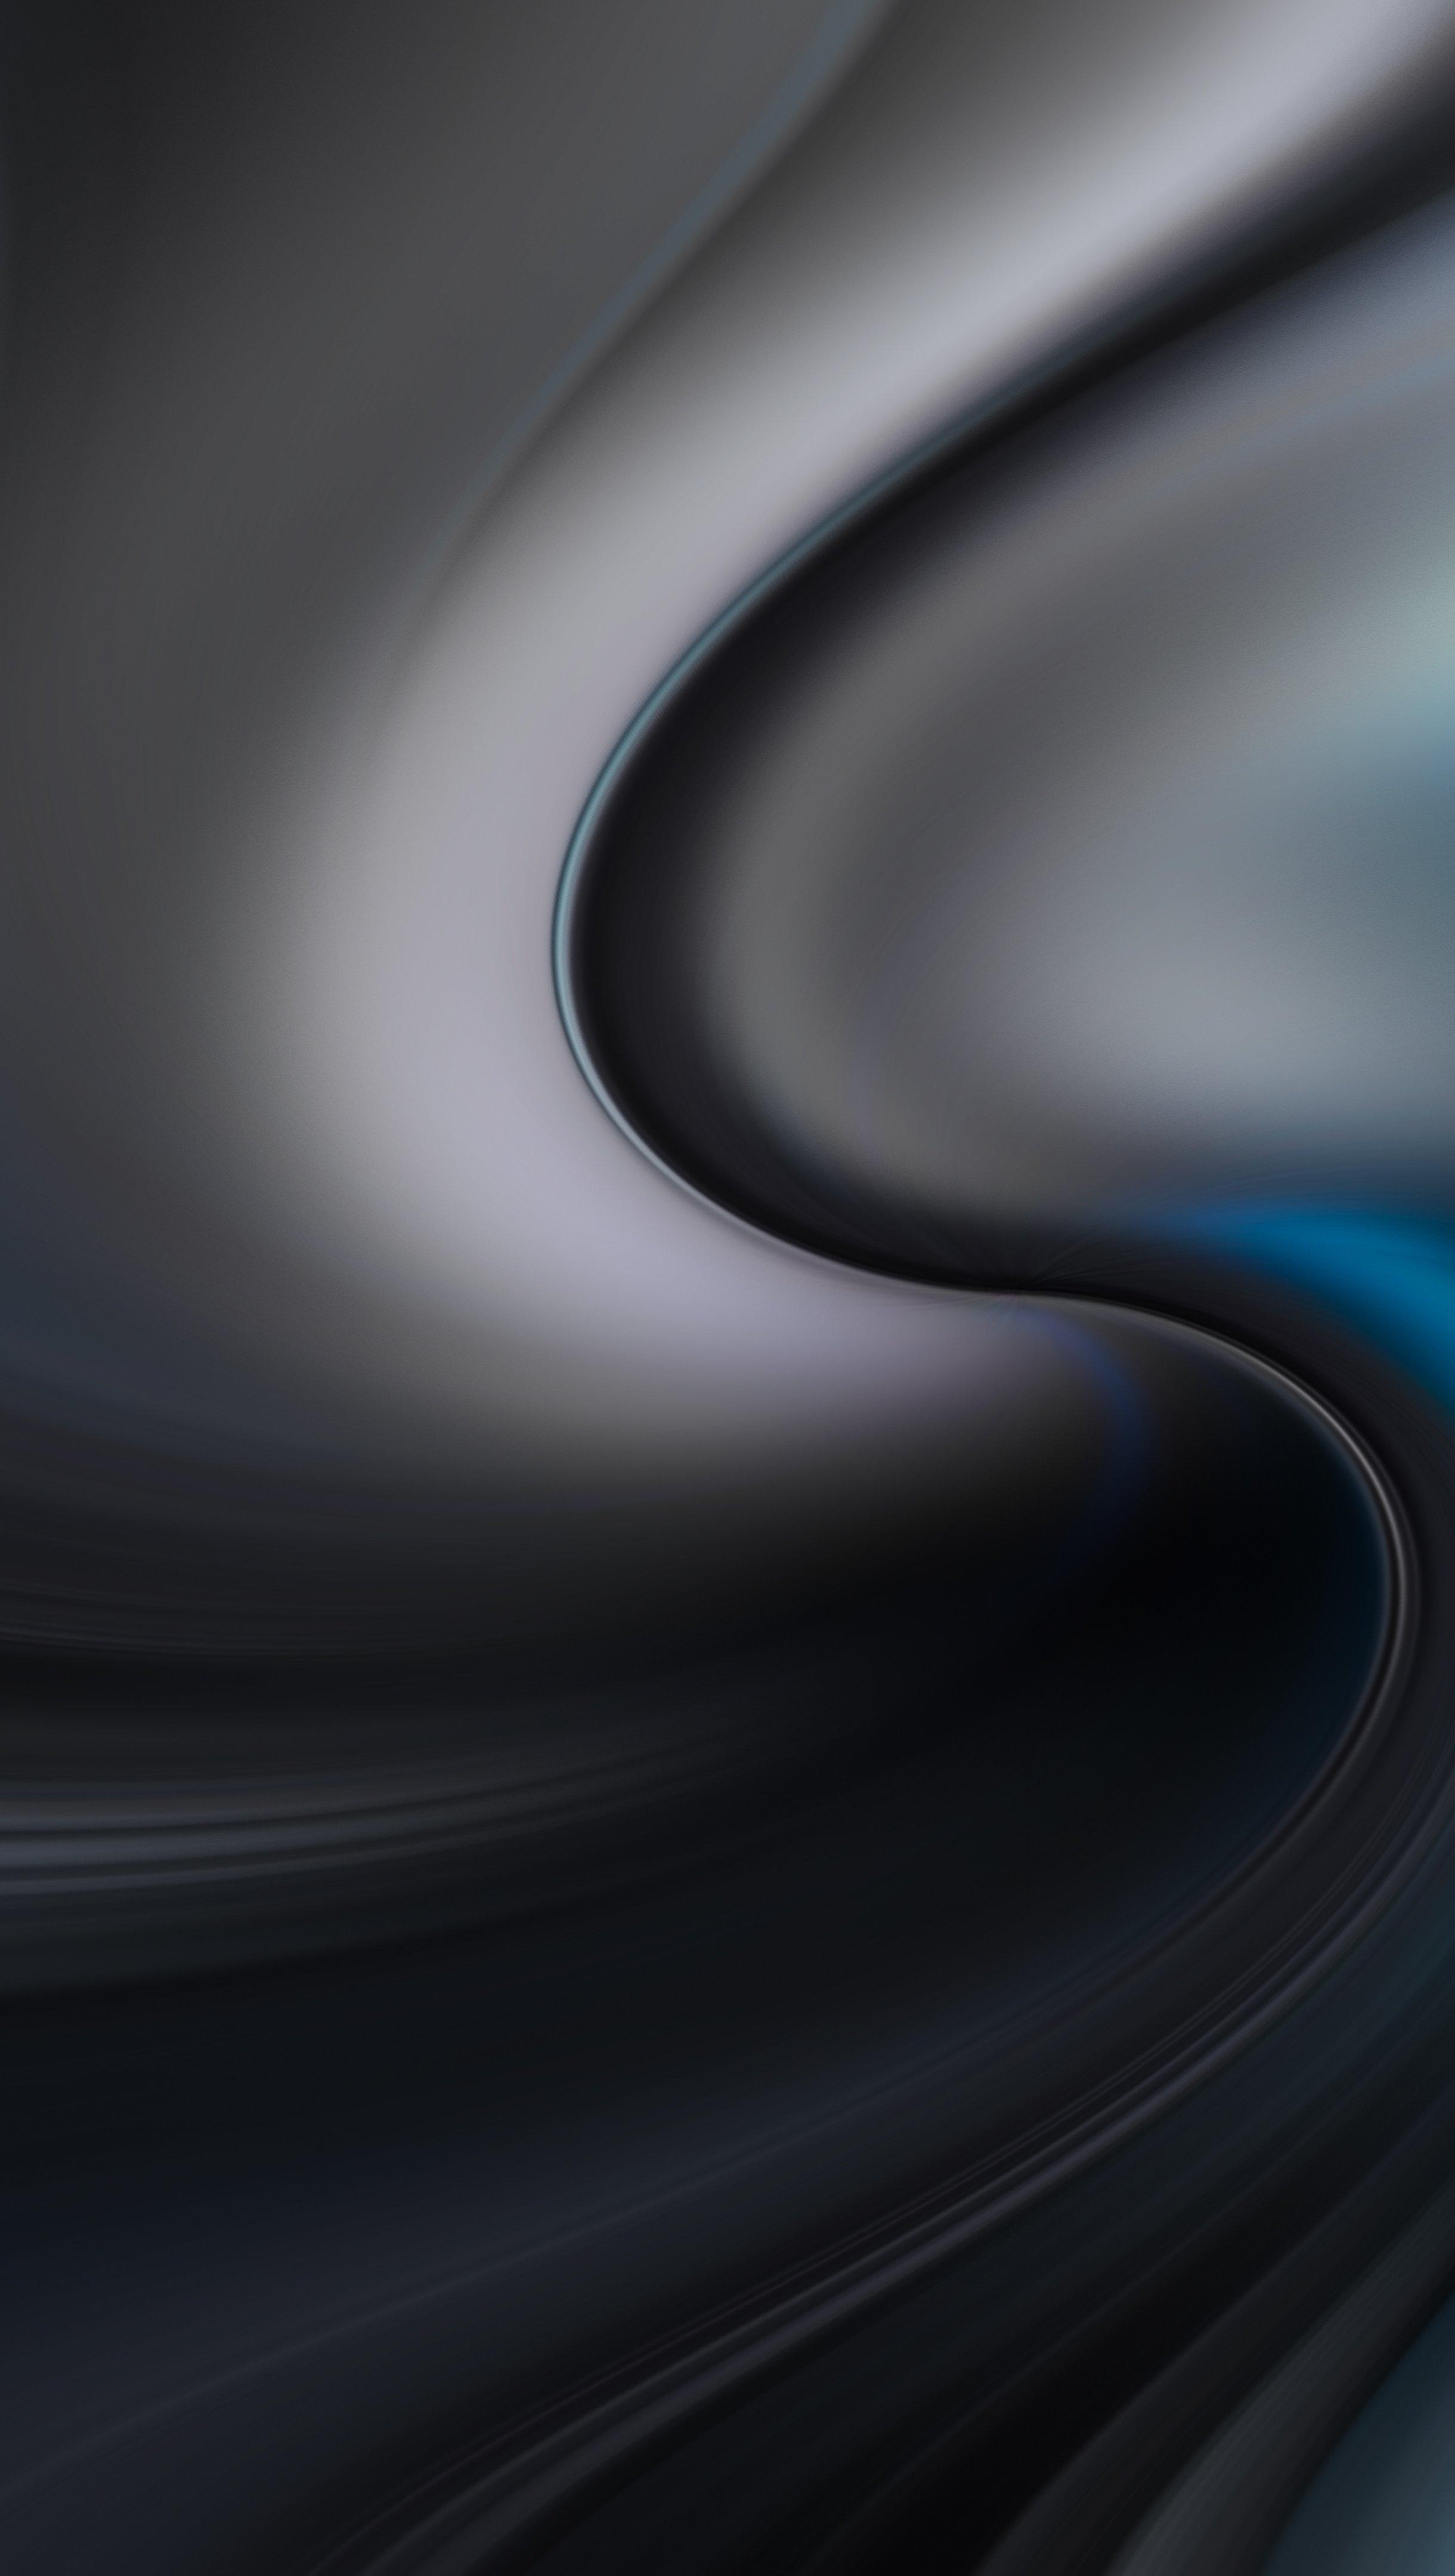 Fondos de pantalla Movimiento de colores abstracto Vertical